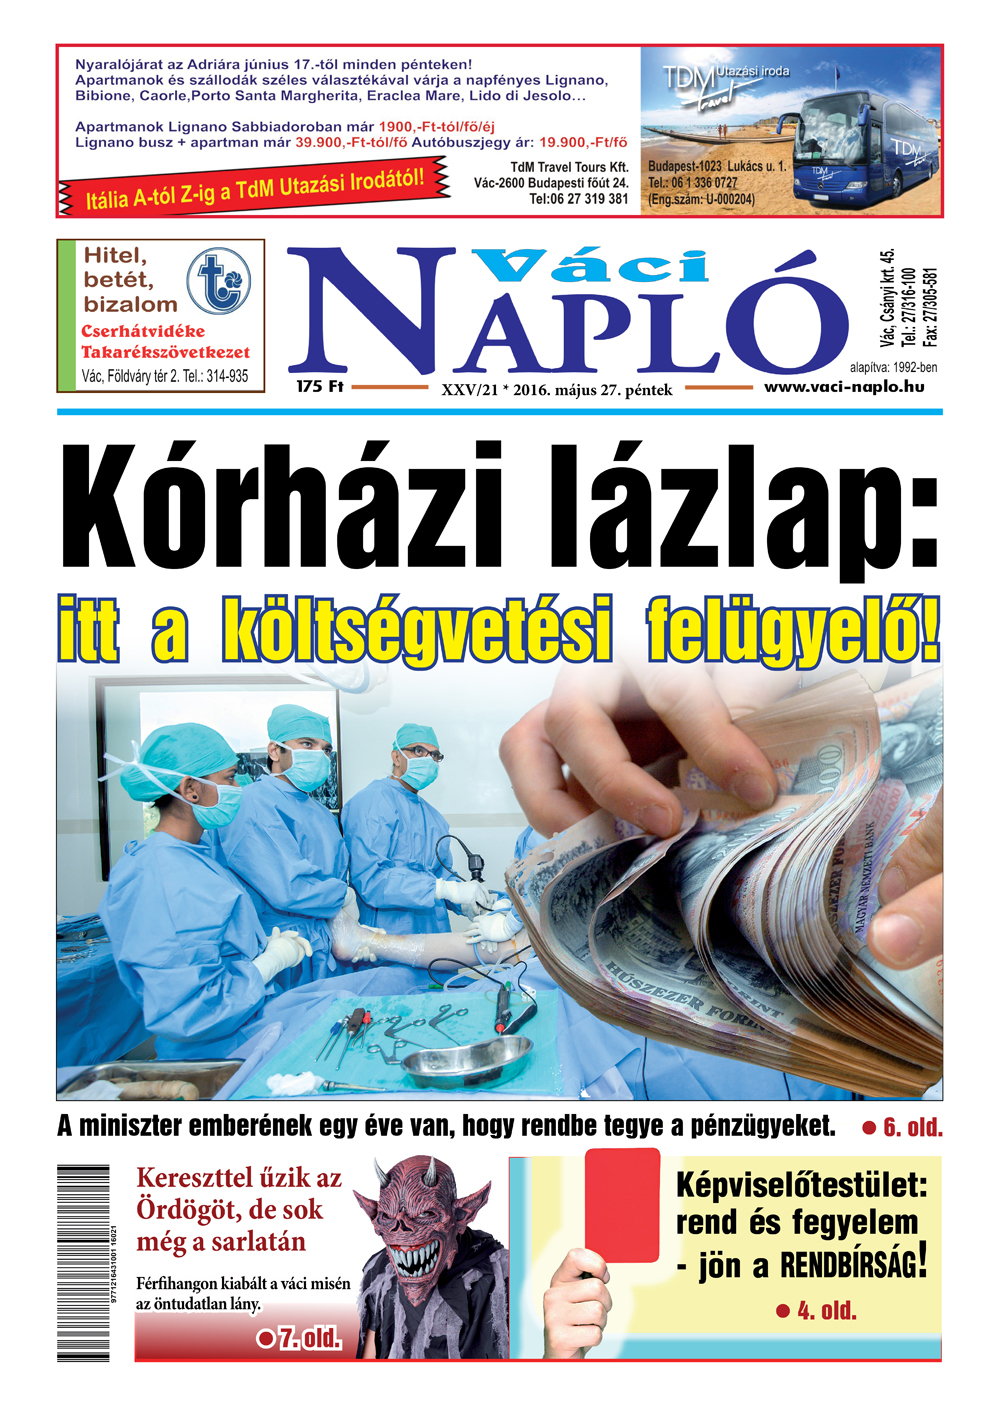 Váci Napló 21. szám